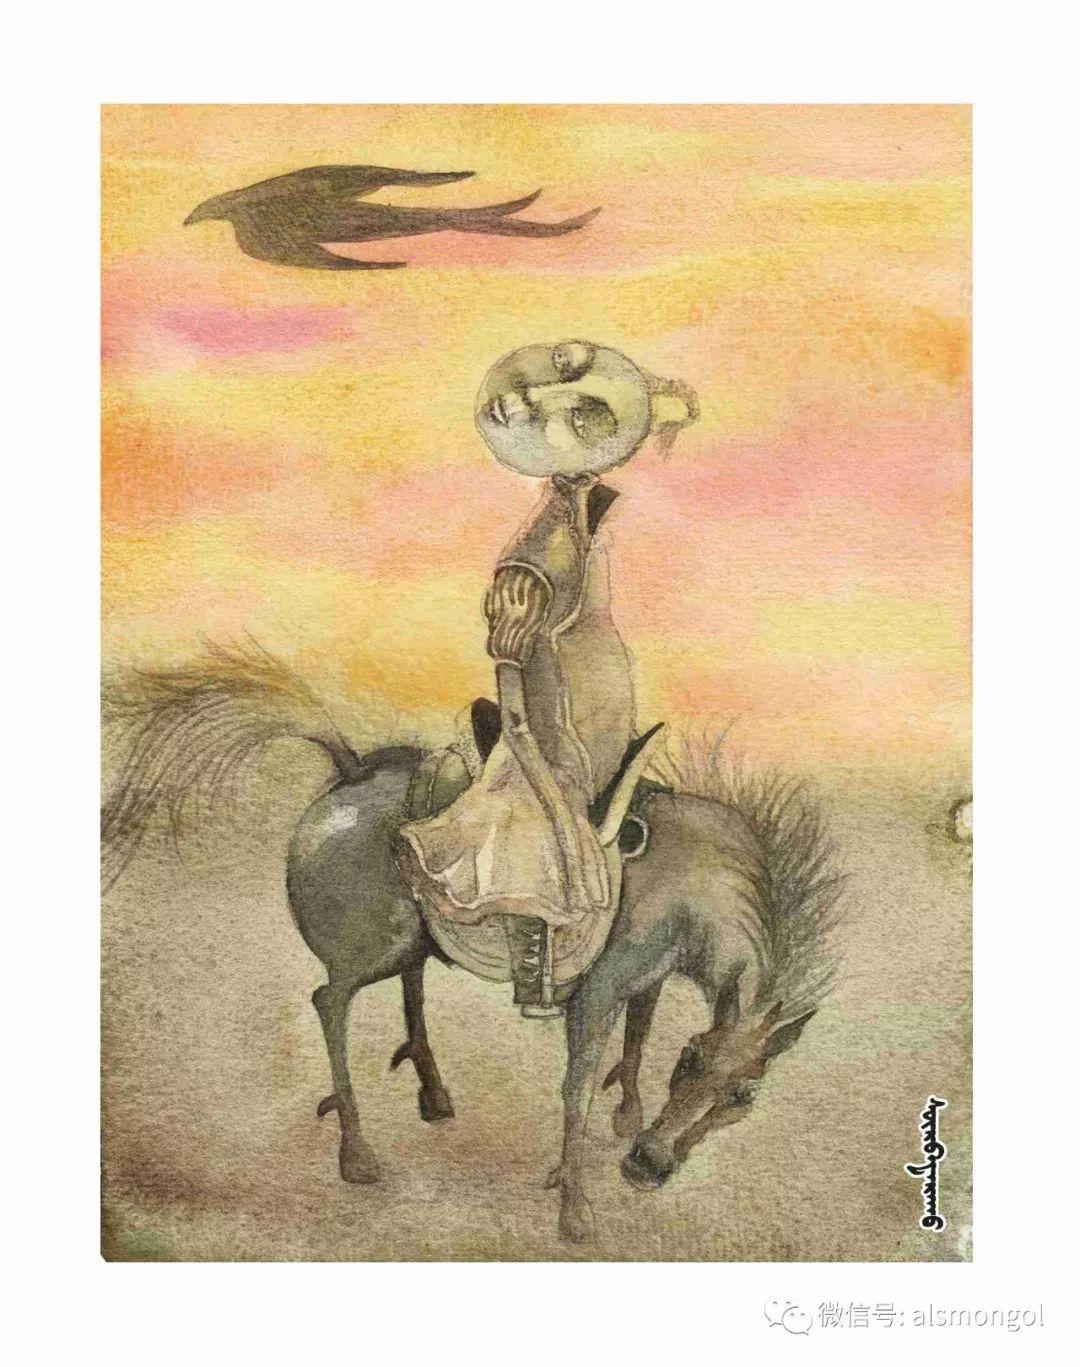 【智慧蒙古】人美画更美,年轻画家海乐和她的绘画作品! 第46张 【智慧蒙古】人美画更美,年轻画家海乐和她的绘画作品! 蒙古画廊